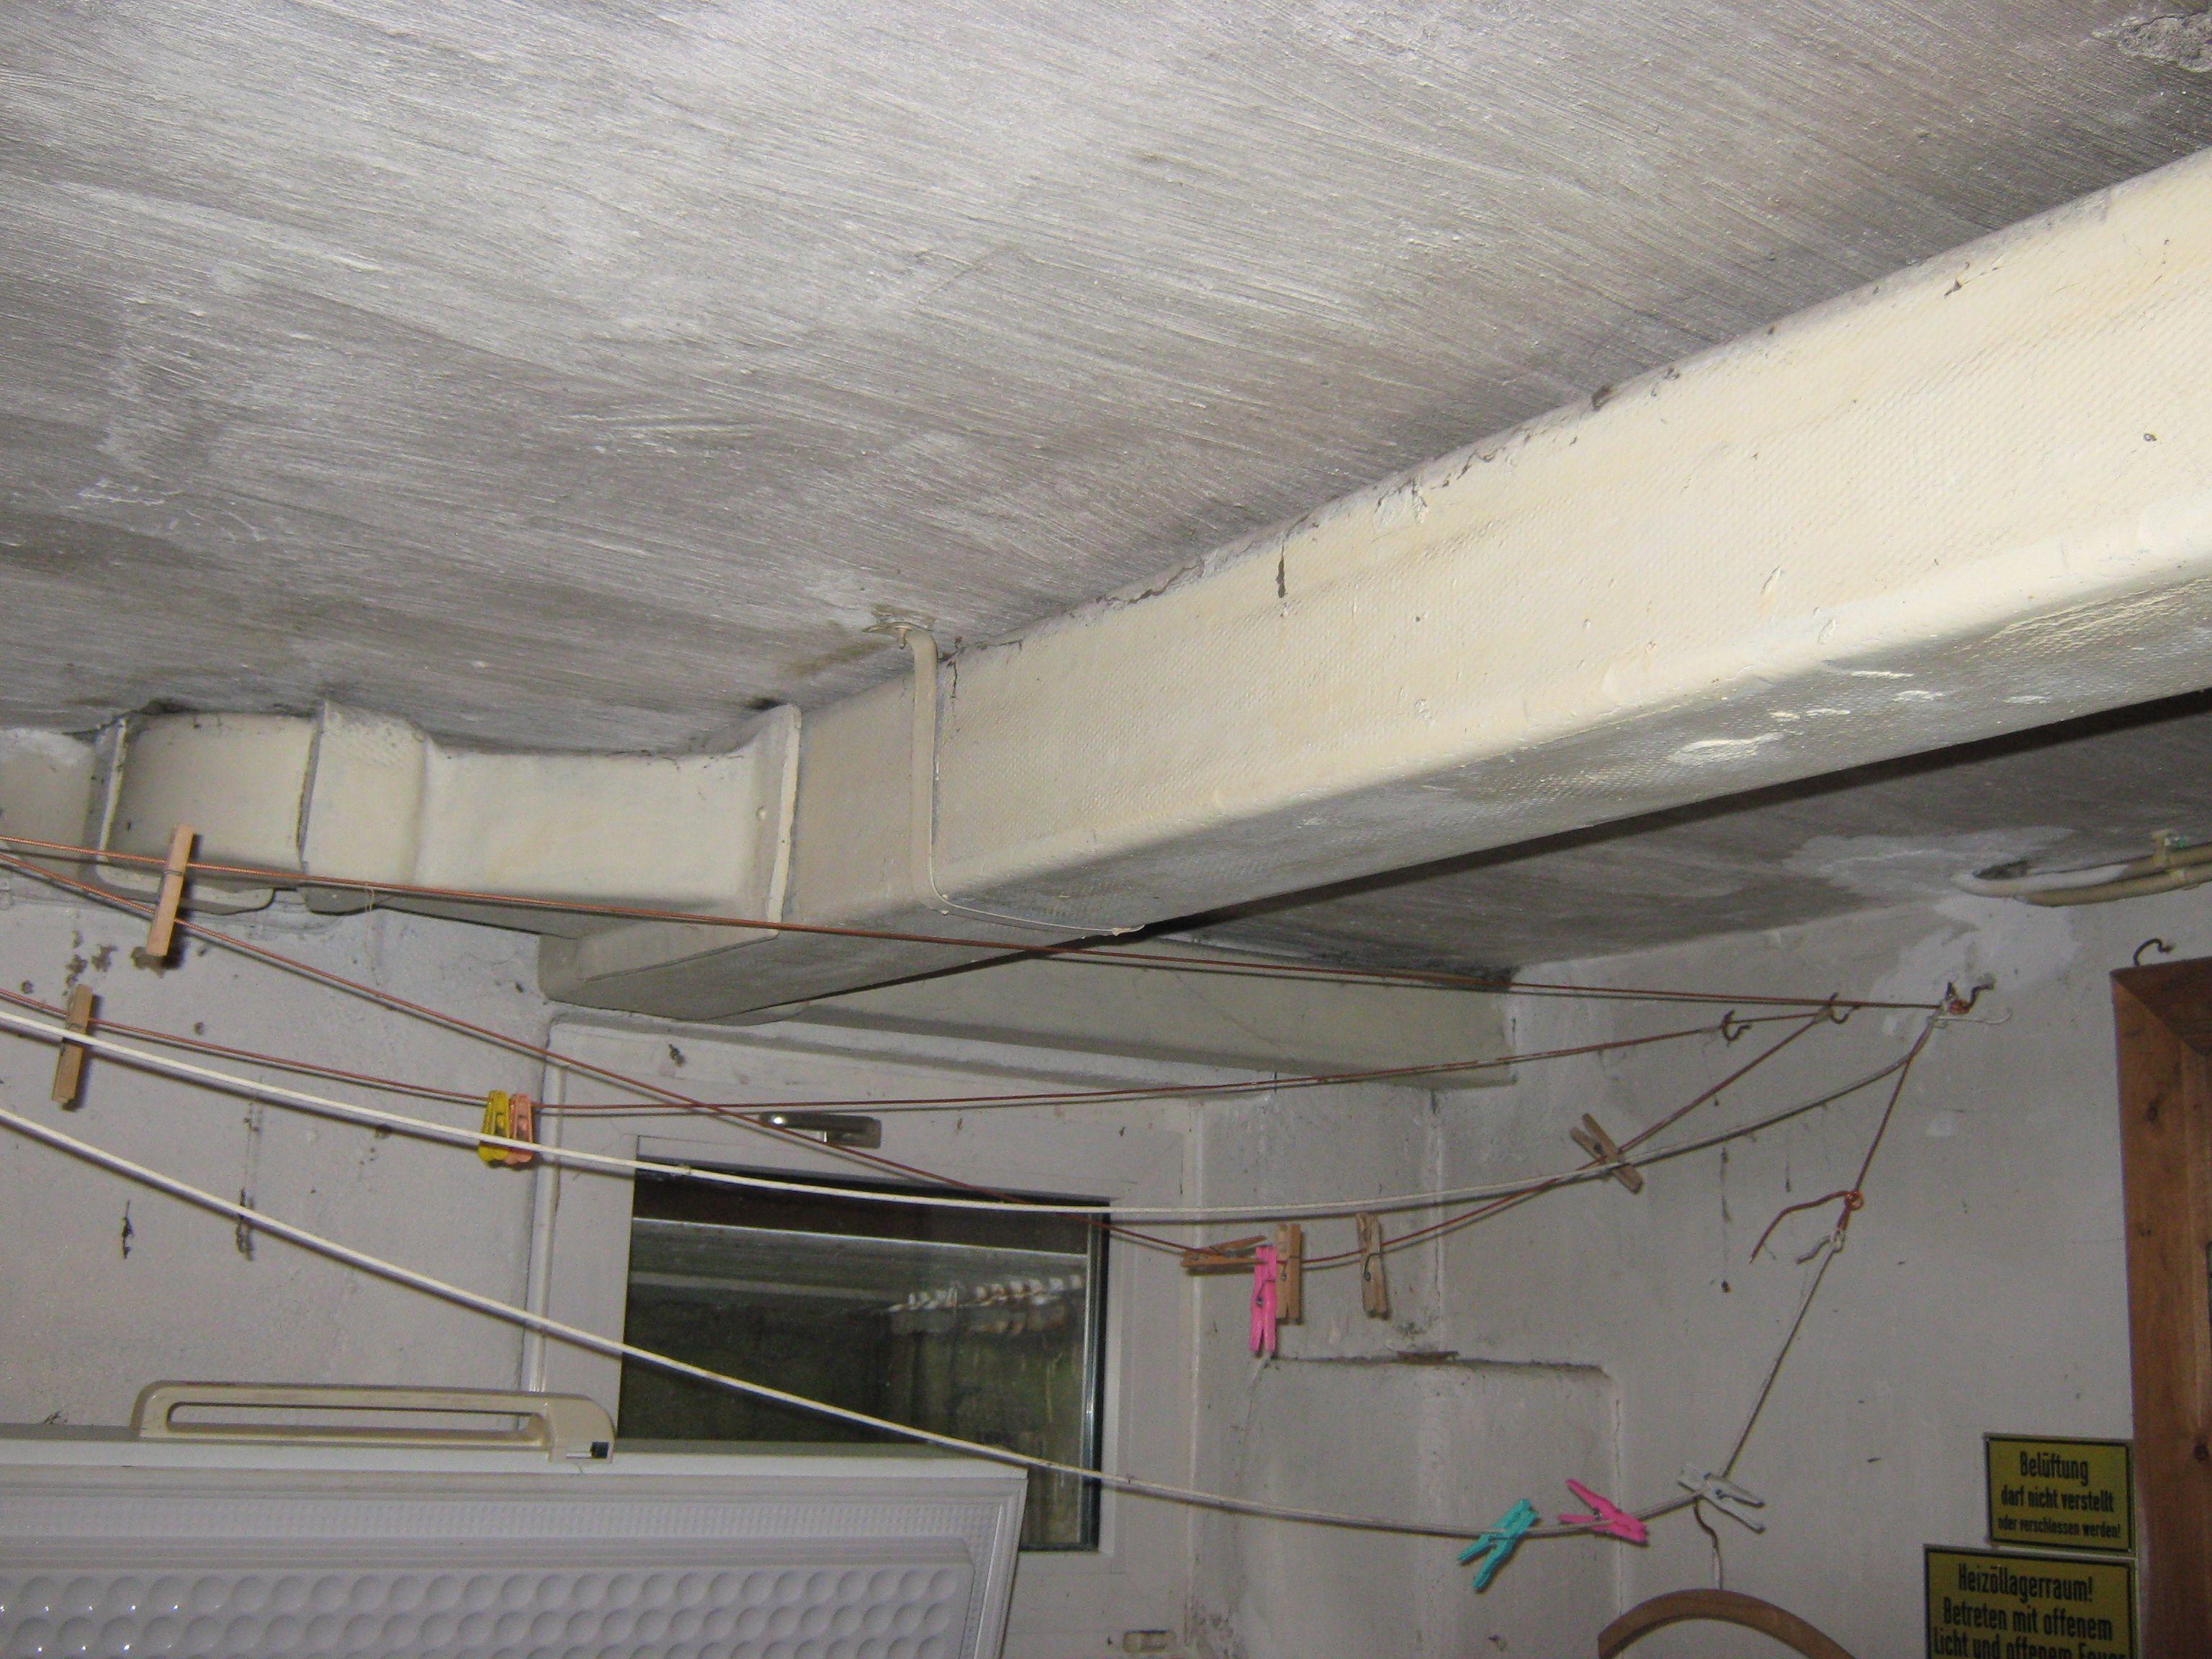 asbestkanal einer warmluftheizung r ckbau und entsorgung asbest pinterest haus bau und. Black Bedroom Furniture Sets. Home Design Ideas